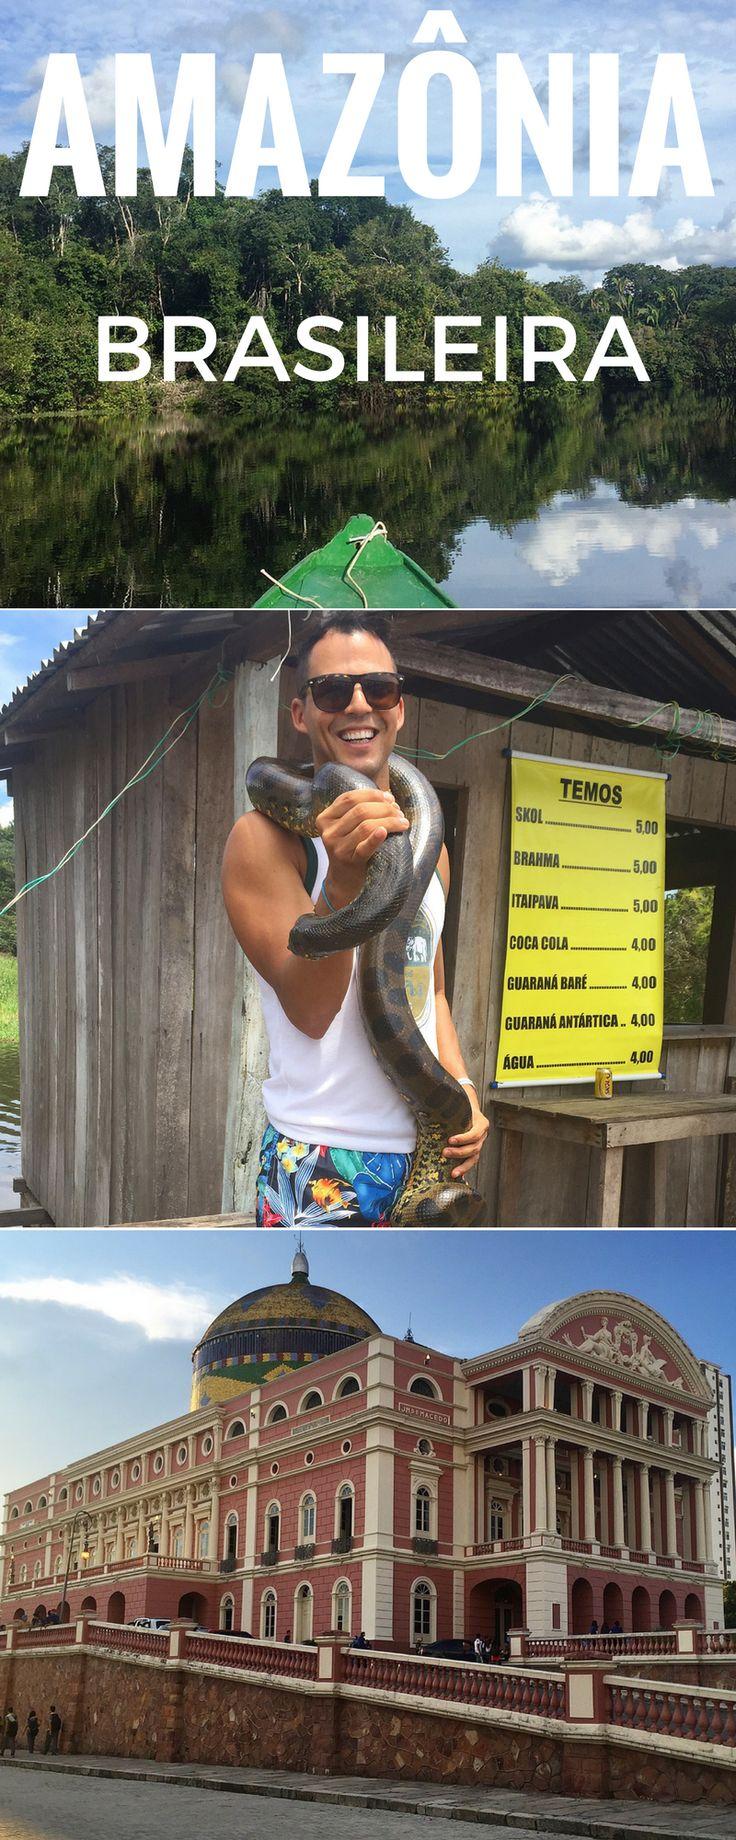 Programando uma viagem à Amazônia? Aqui estão as minha dicas de viagens para Manaus e 7 razões para visitar a cidade.